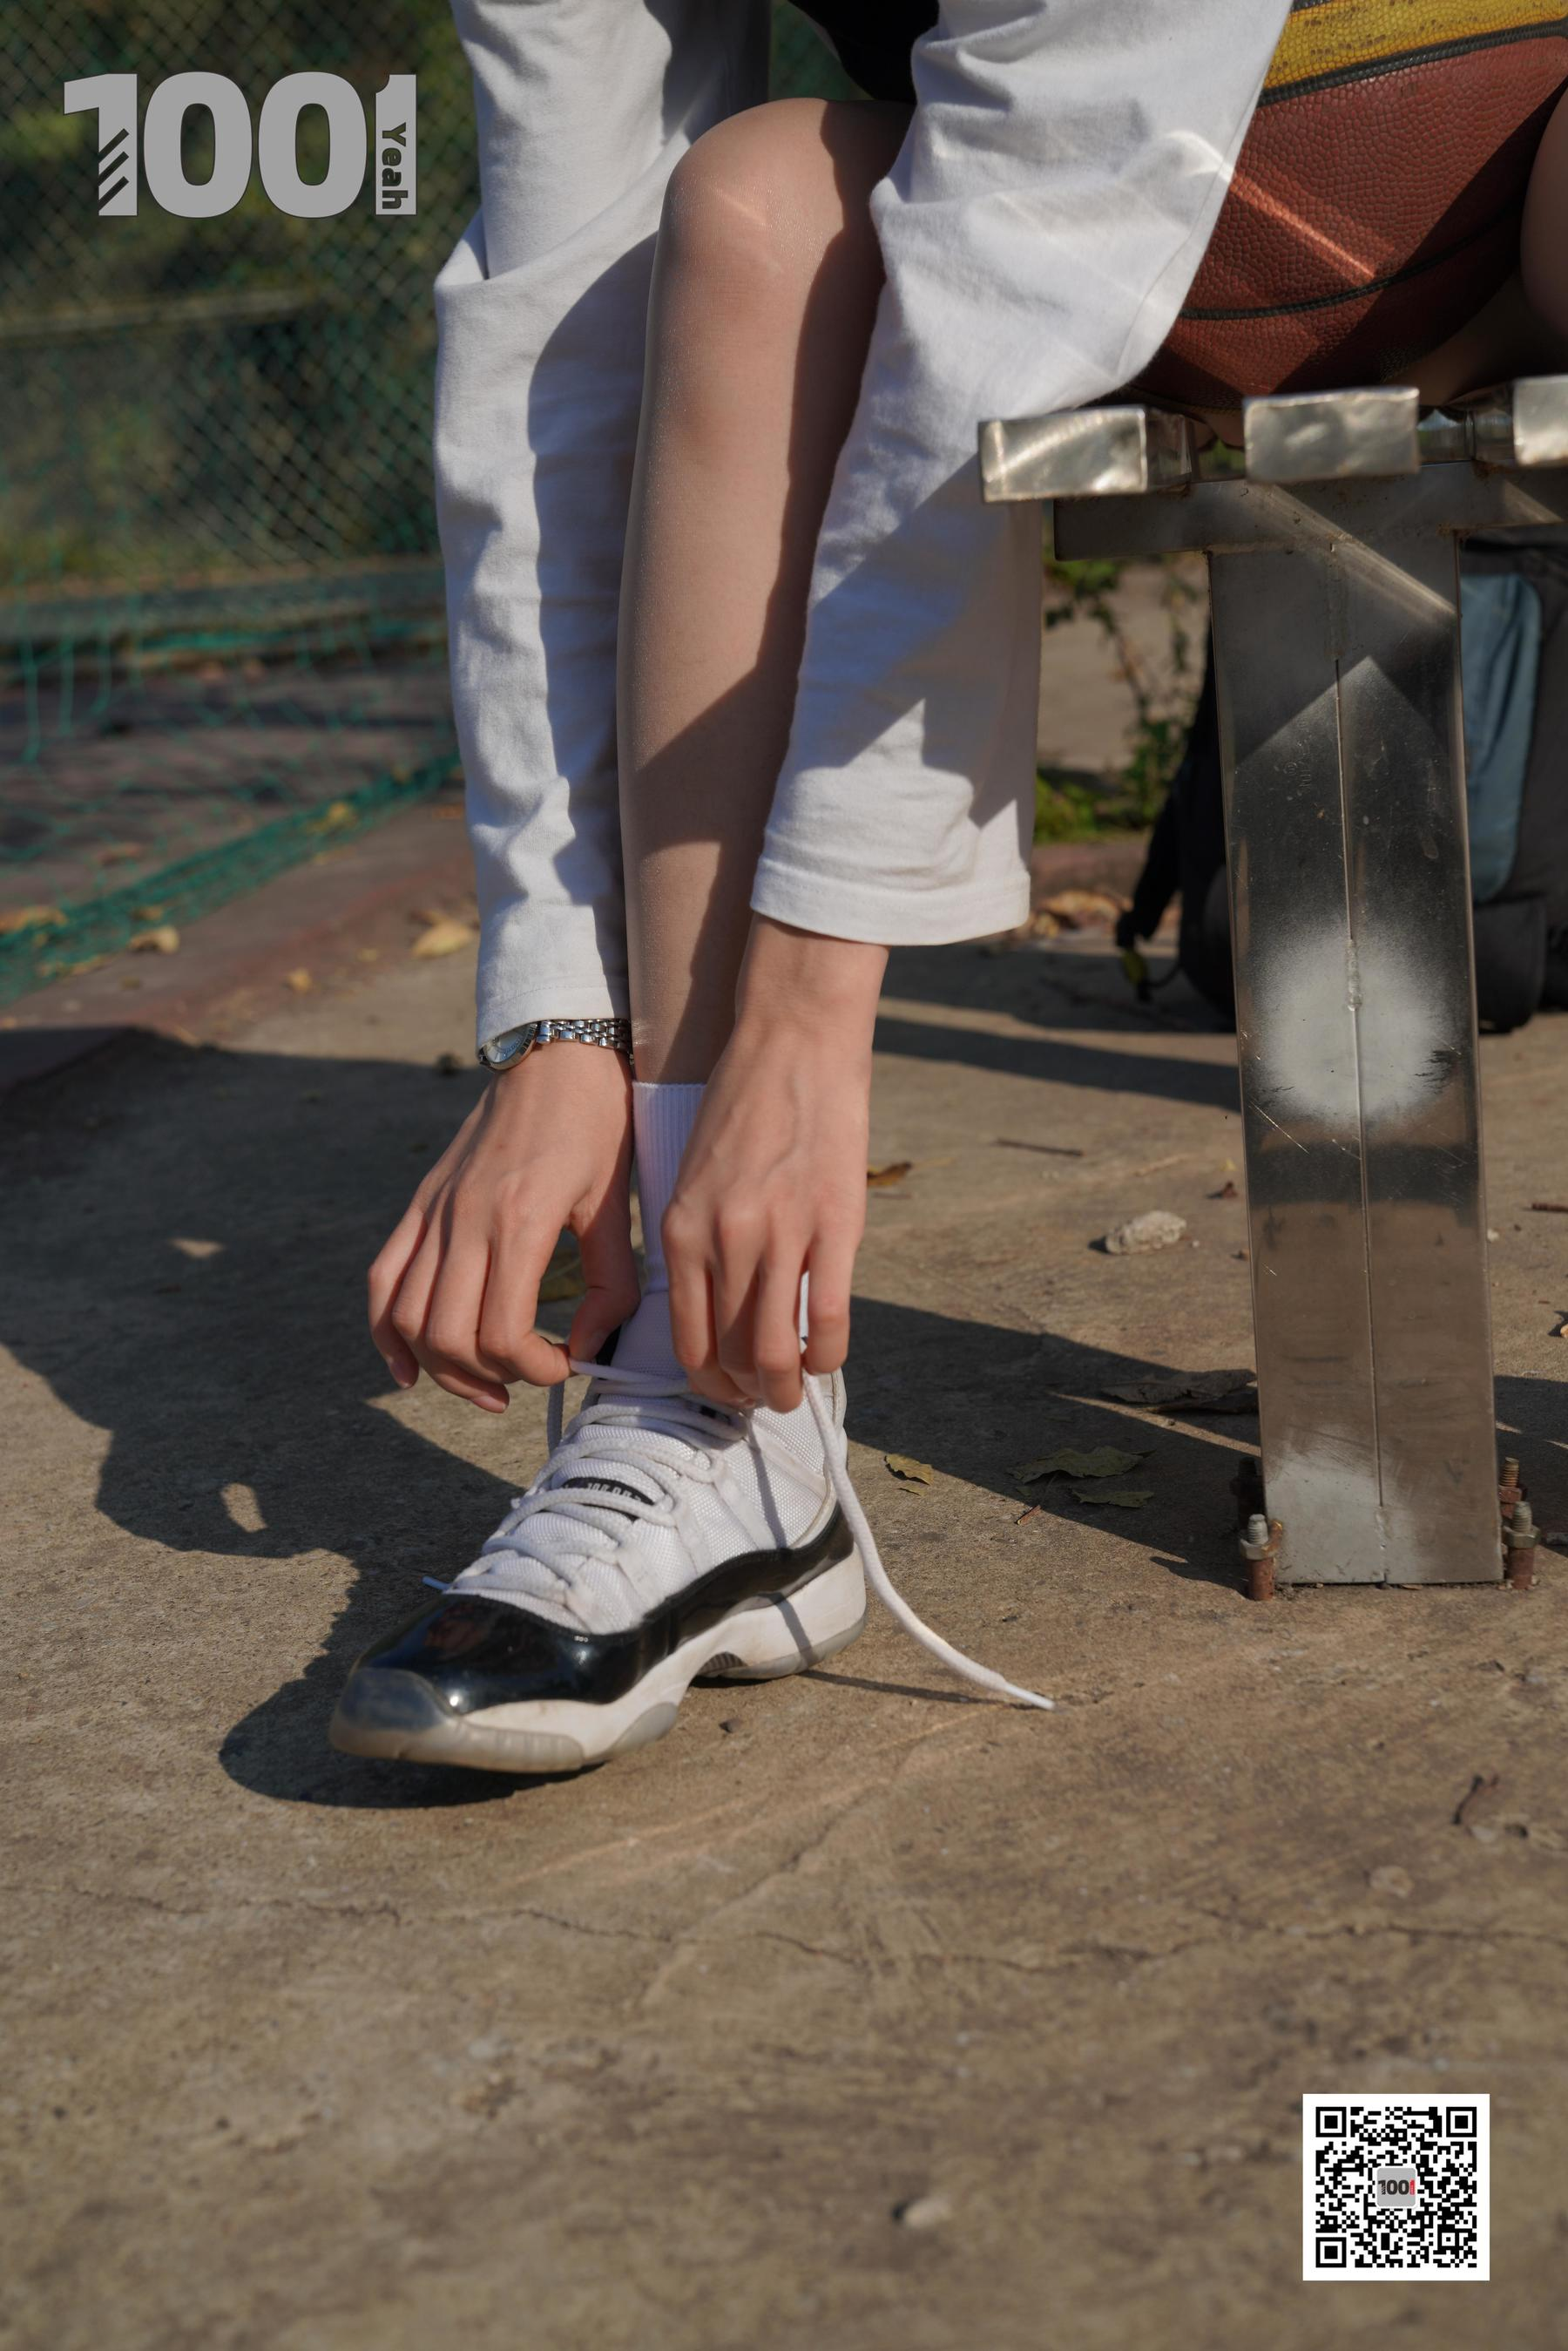 图片[11] - [IESS一千零一夜] 模特:草莓《陪女朋友打篮球4》 美脚丝足写真集[90P] - 唯独你没懂